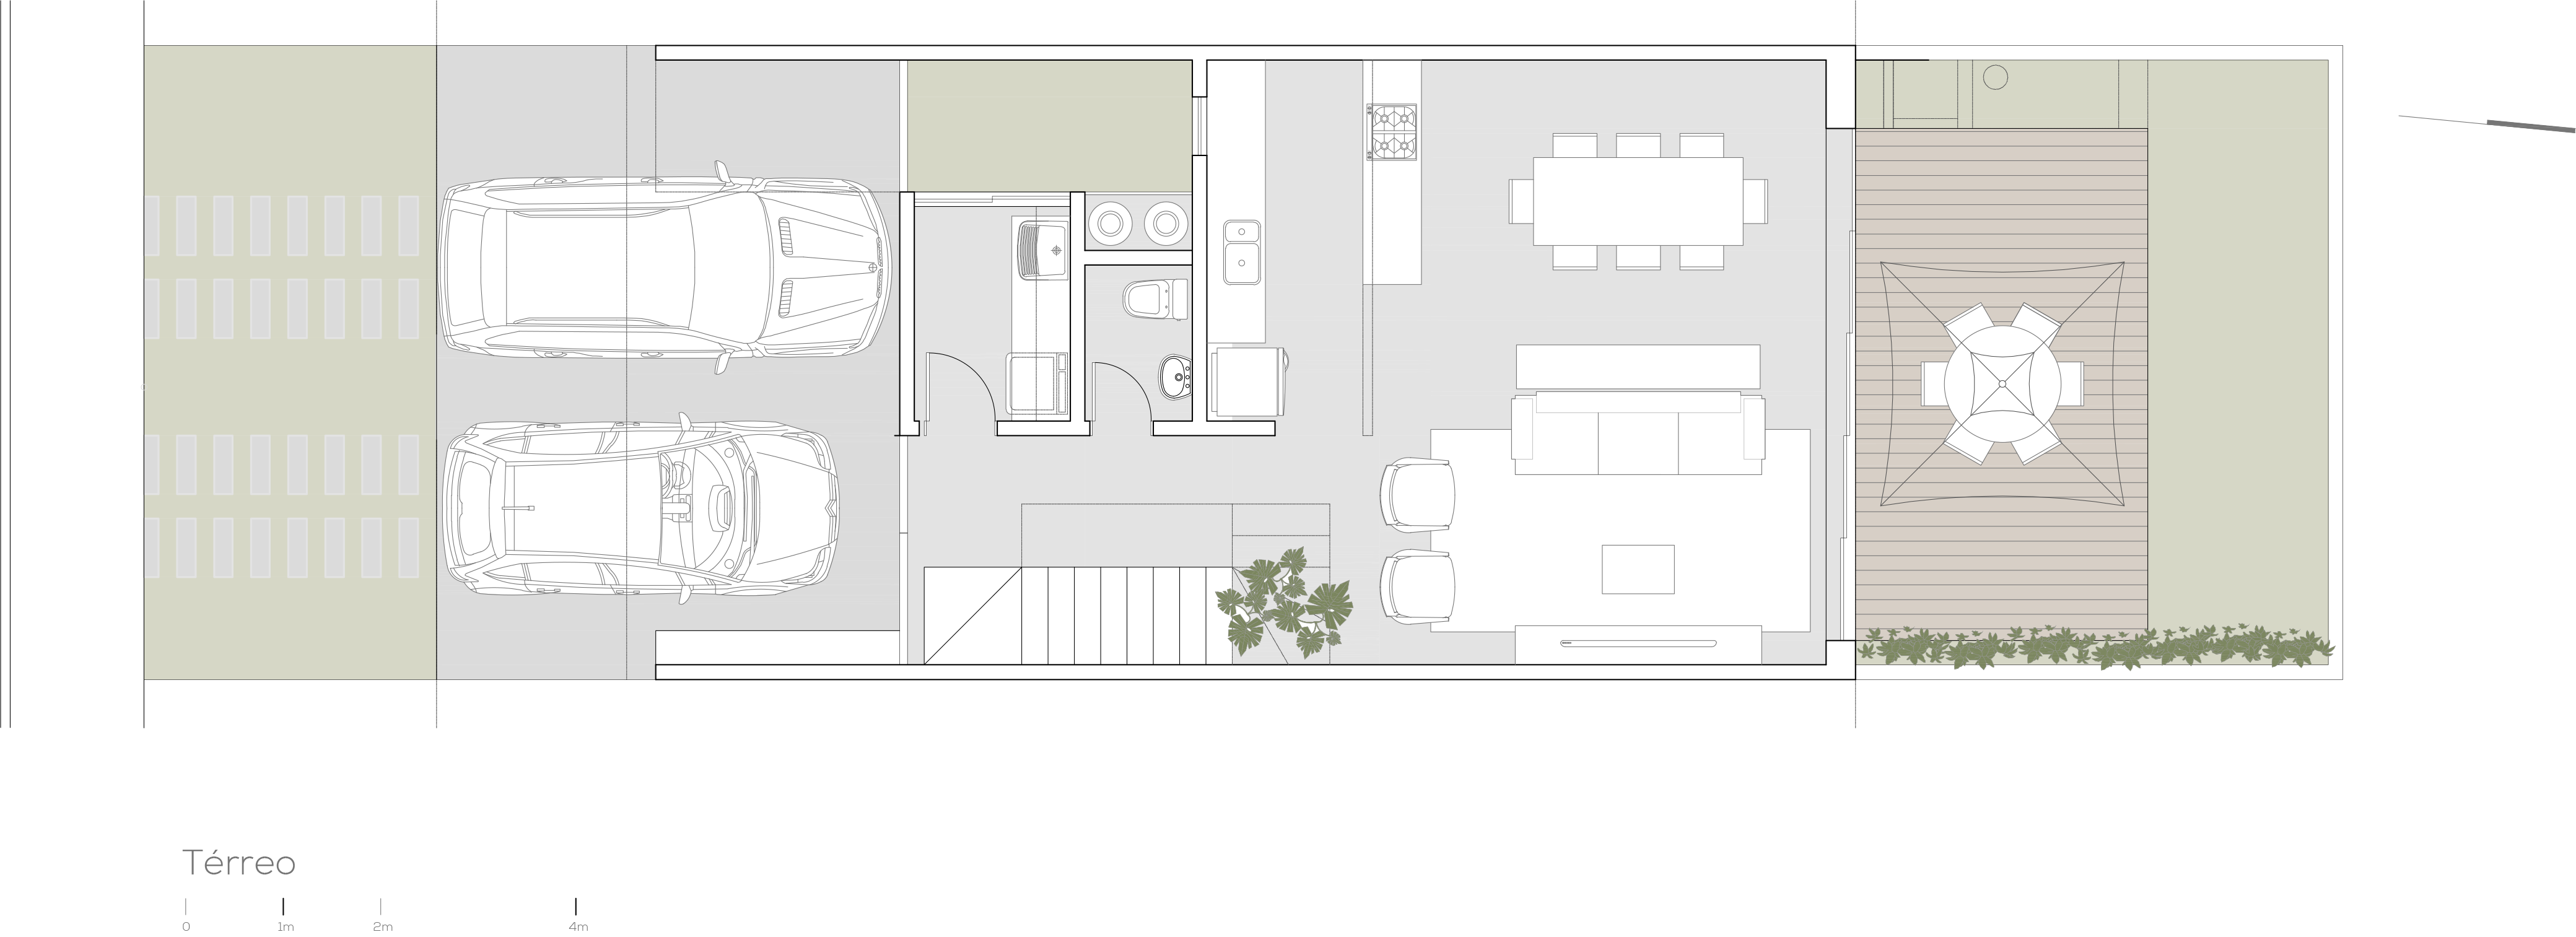 035-AR-Site-Planta-ter